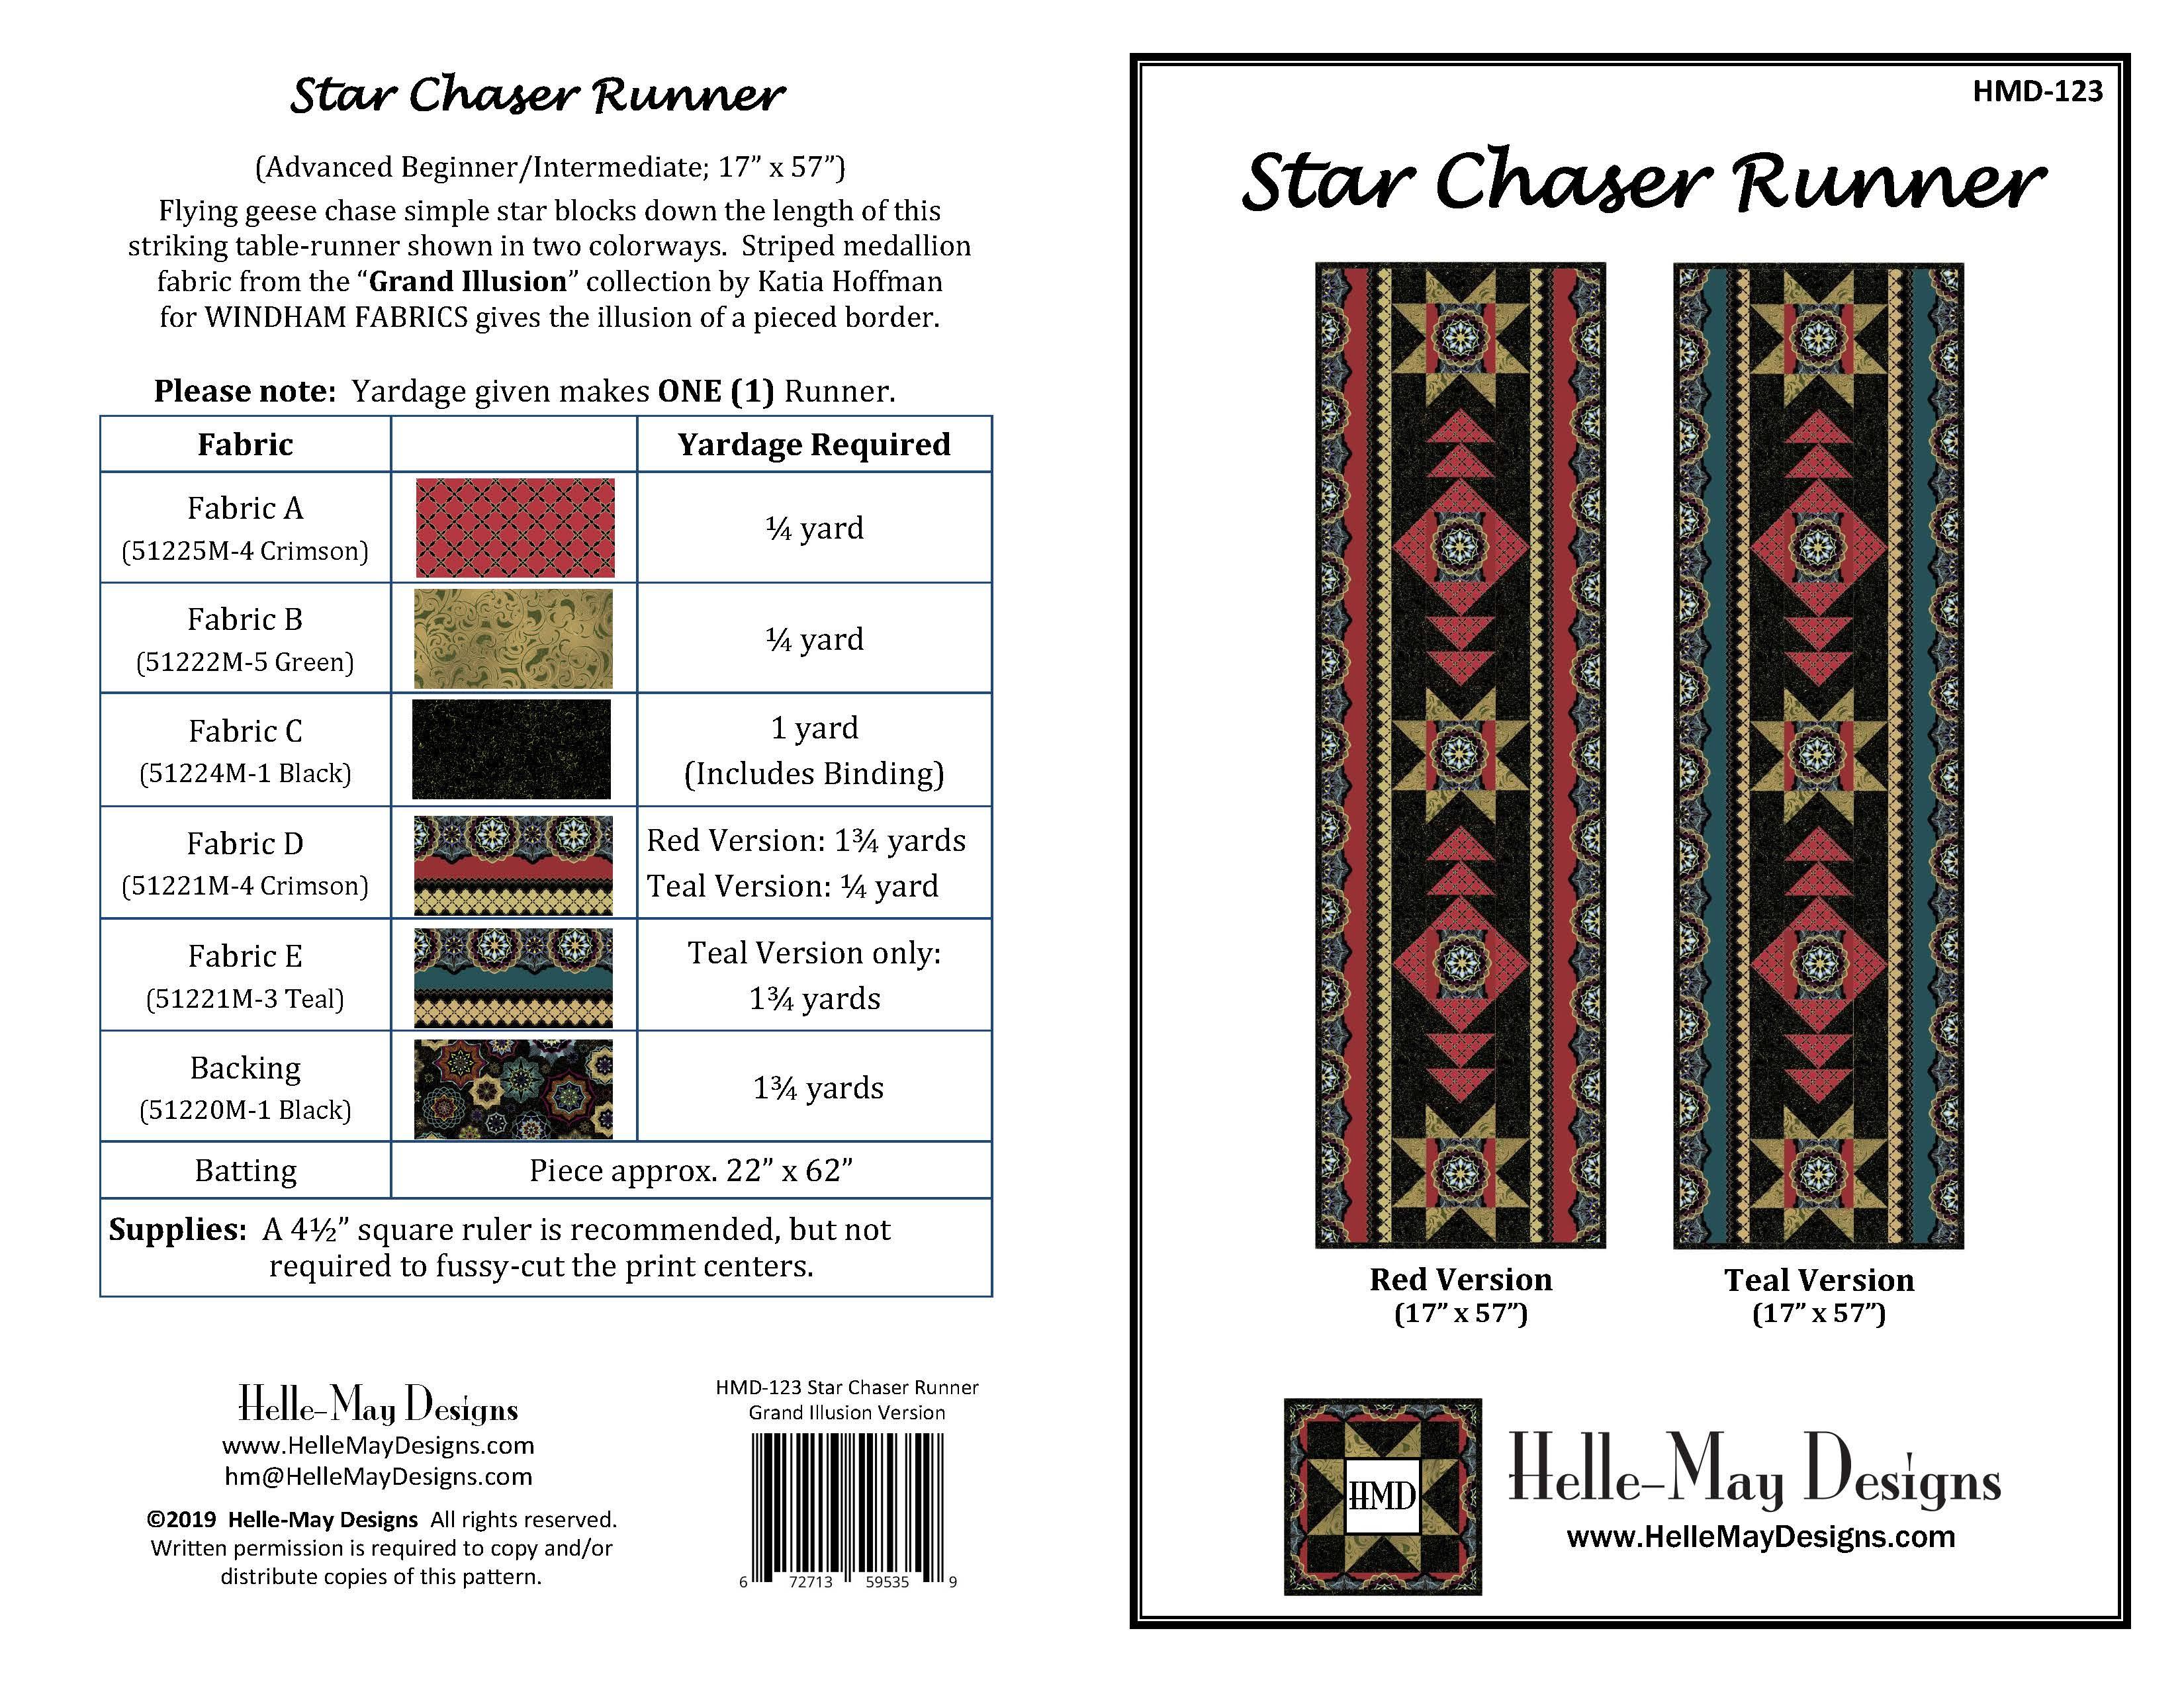 HMD-123 Star Chaser Runner